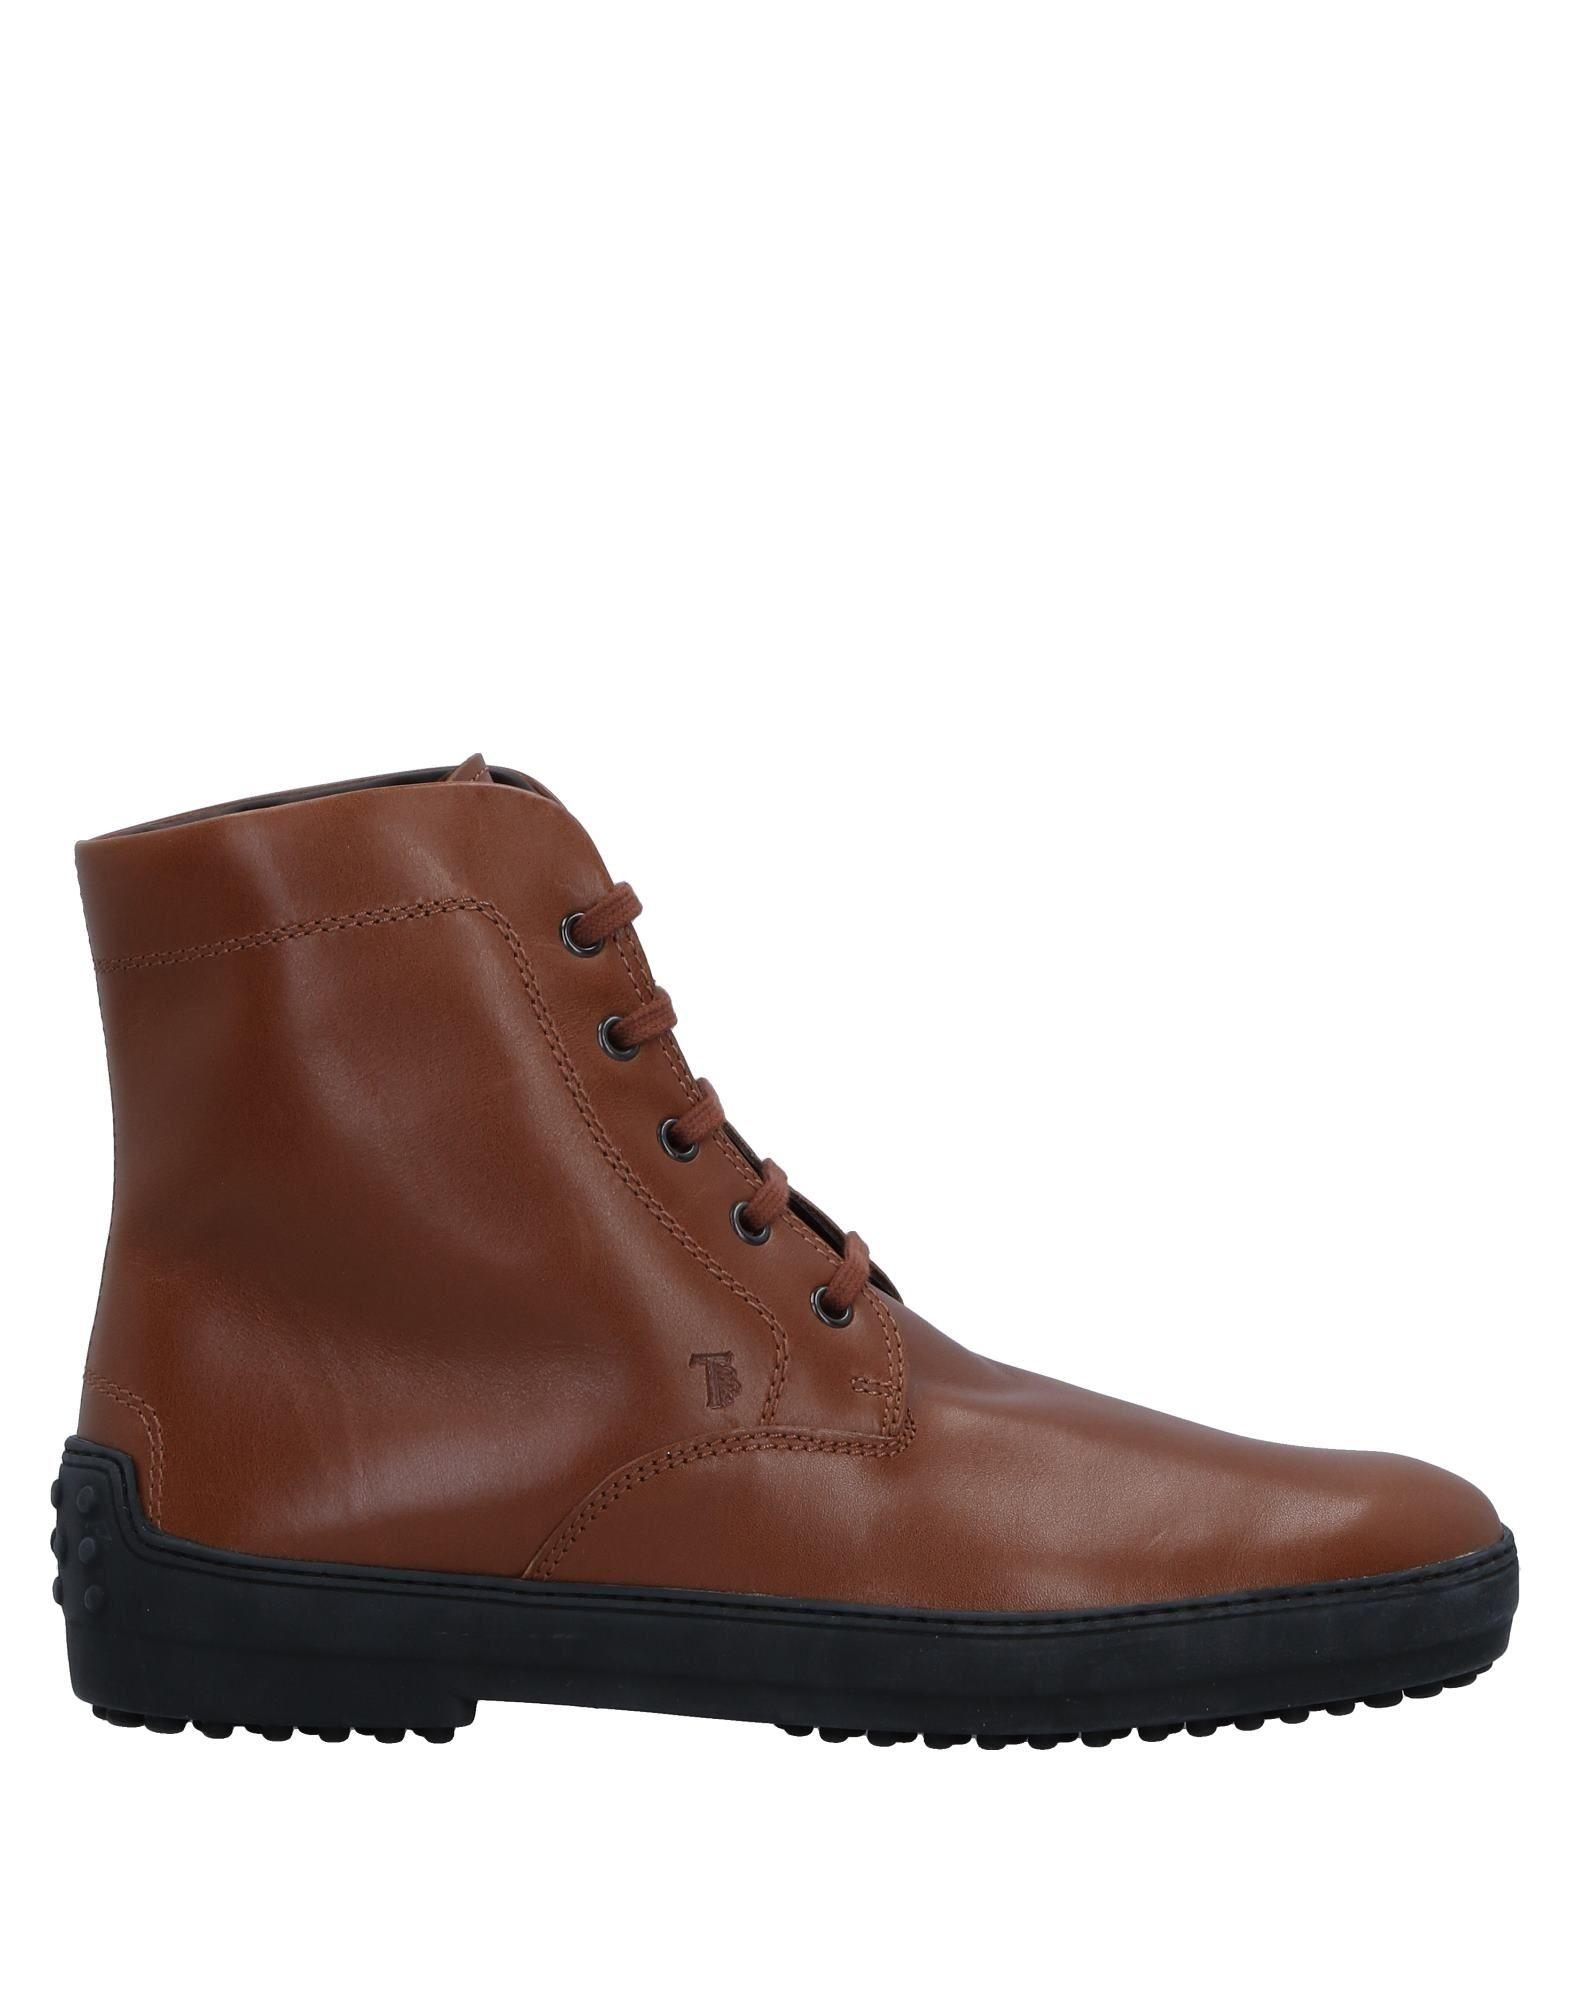 Tod's Stiefelette Herren  11543236CF Gute Qualität beliebte Schuhe